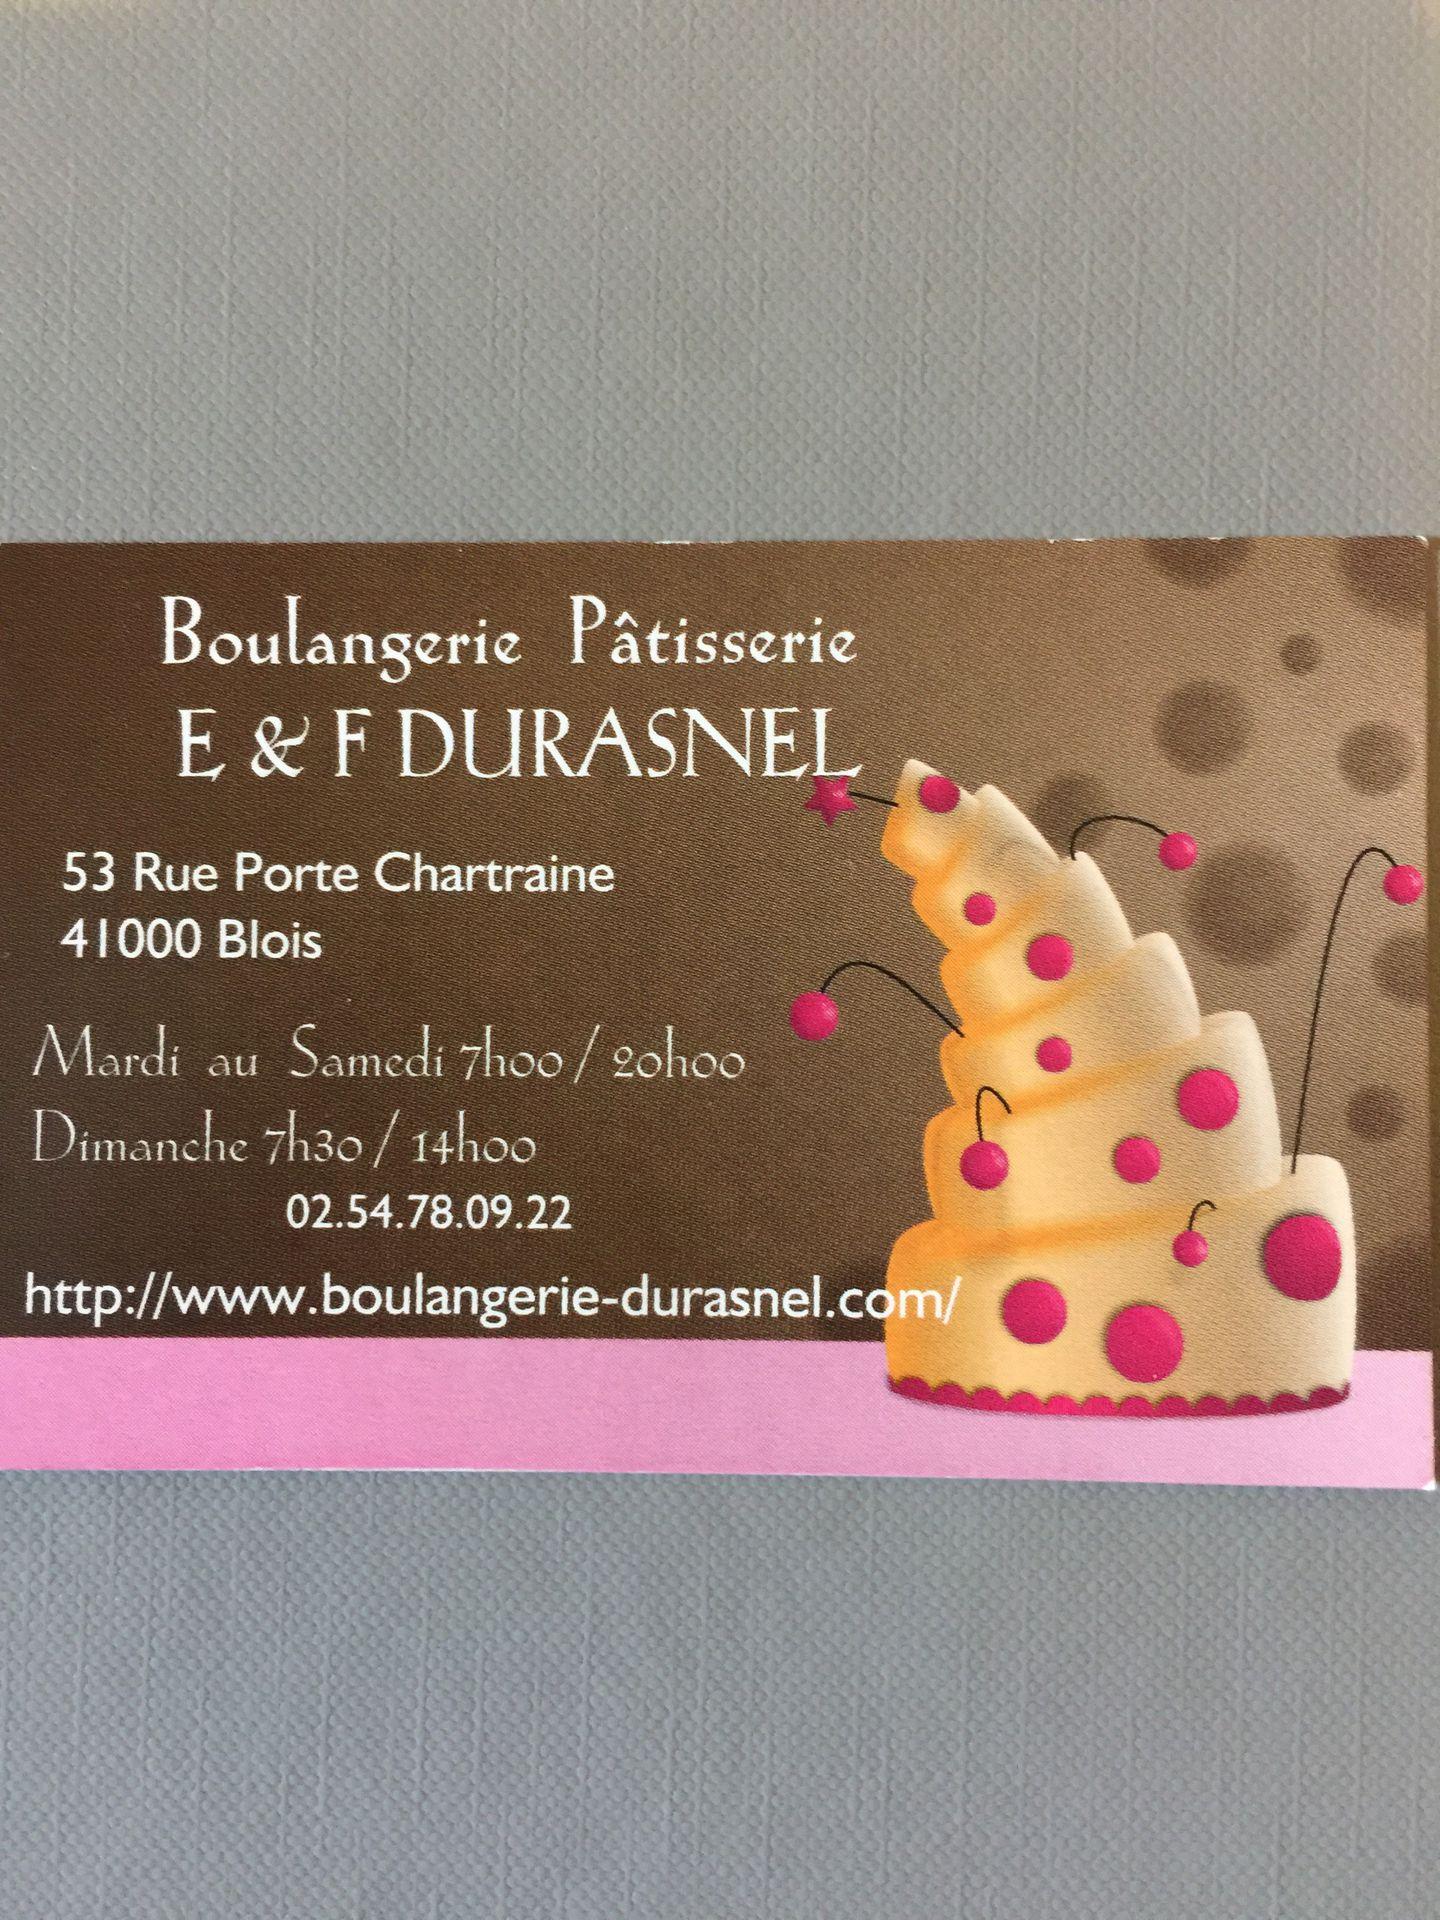 Boulangerie Durasnel boulangerie et pâtisserie